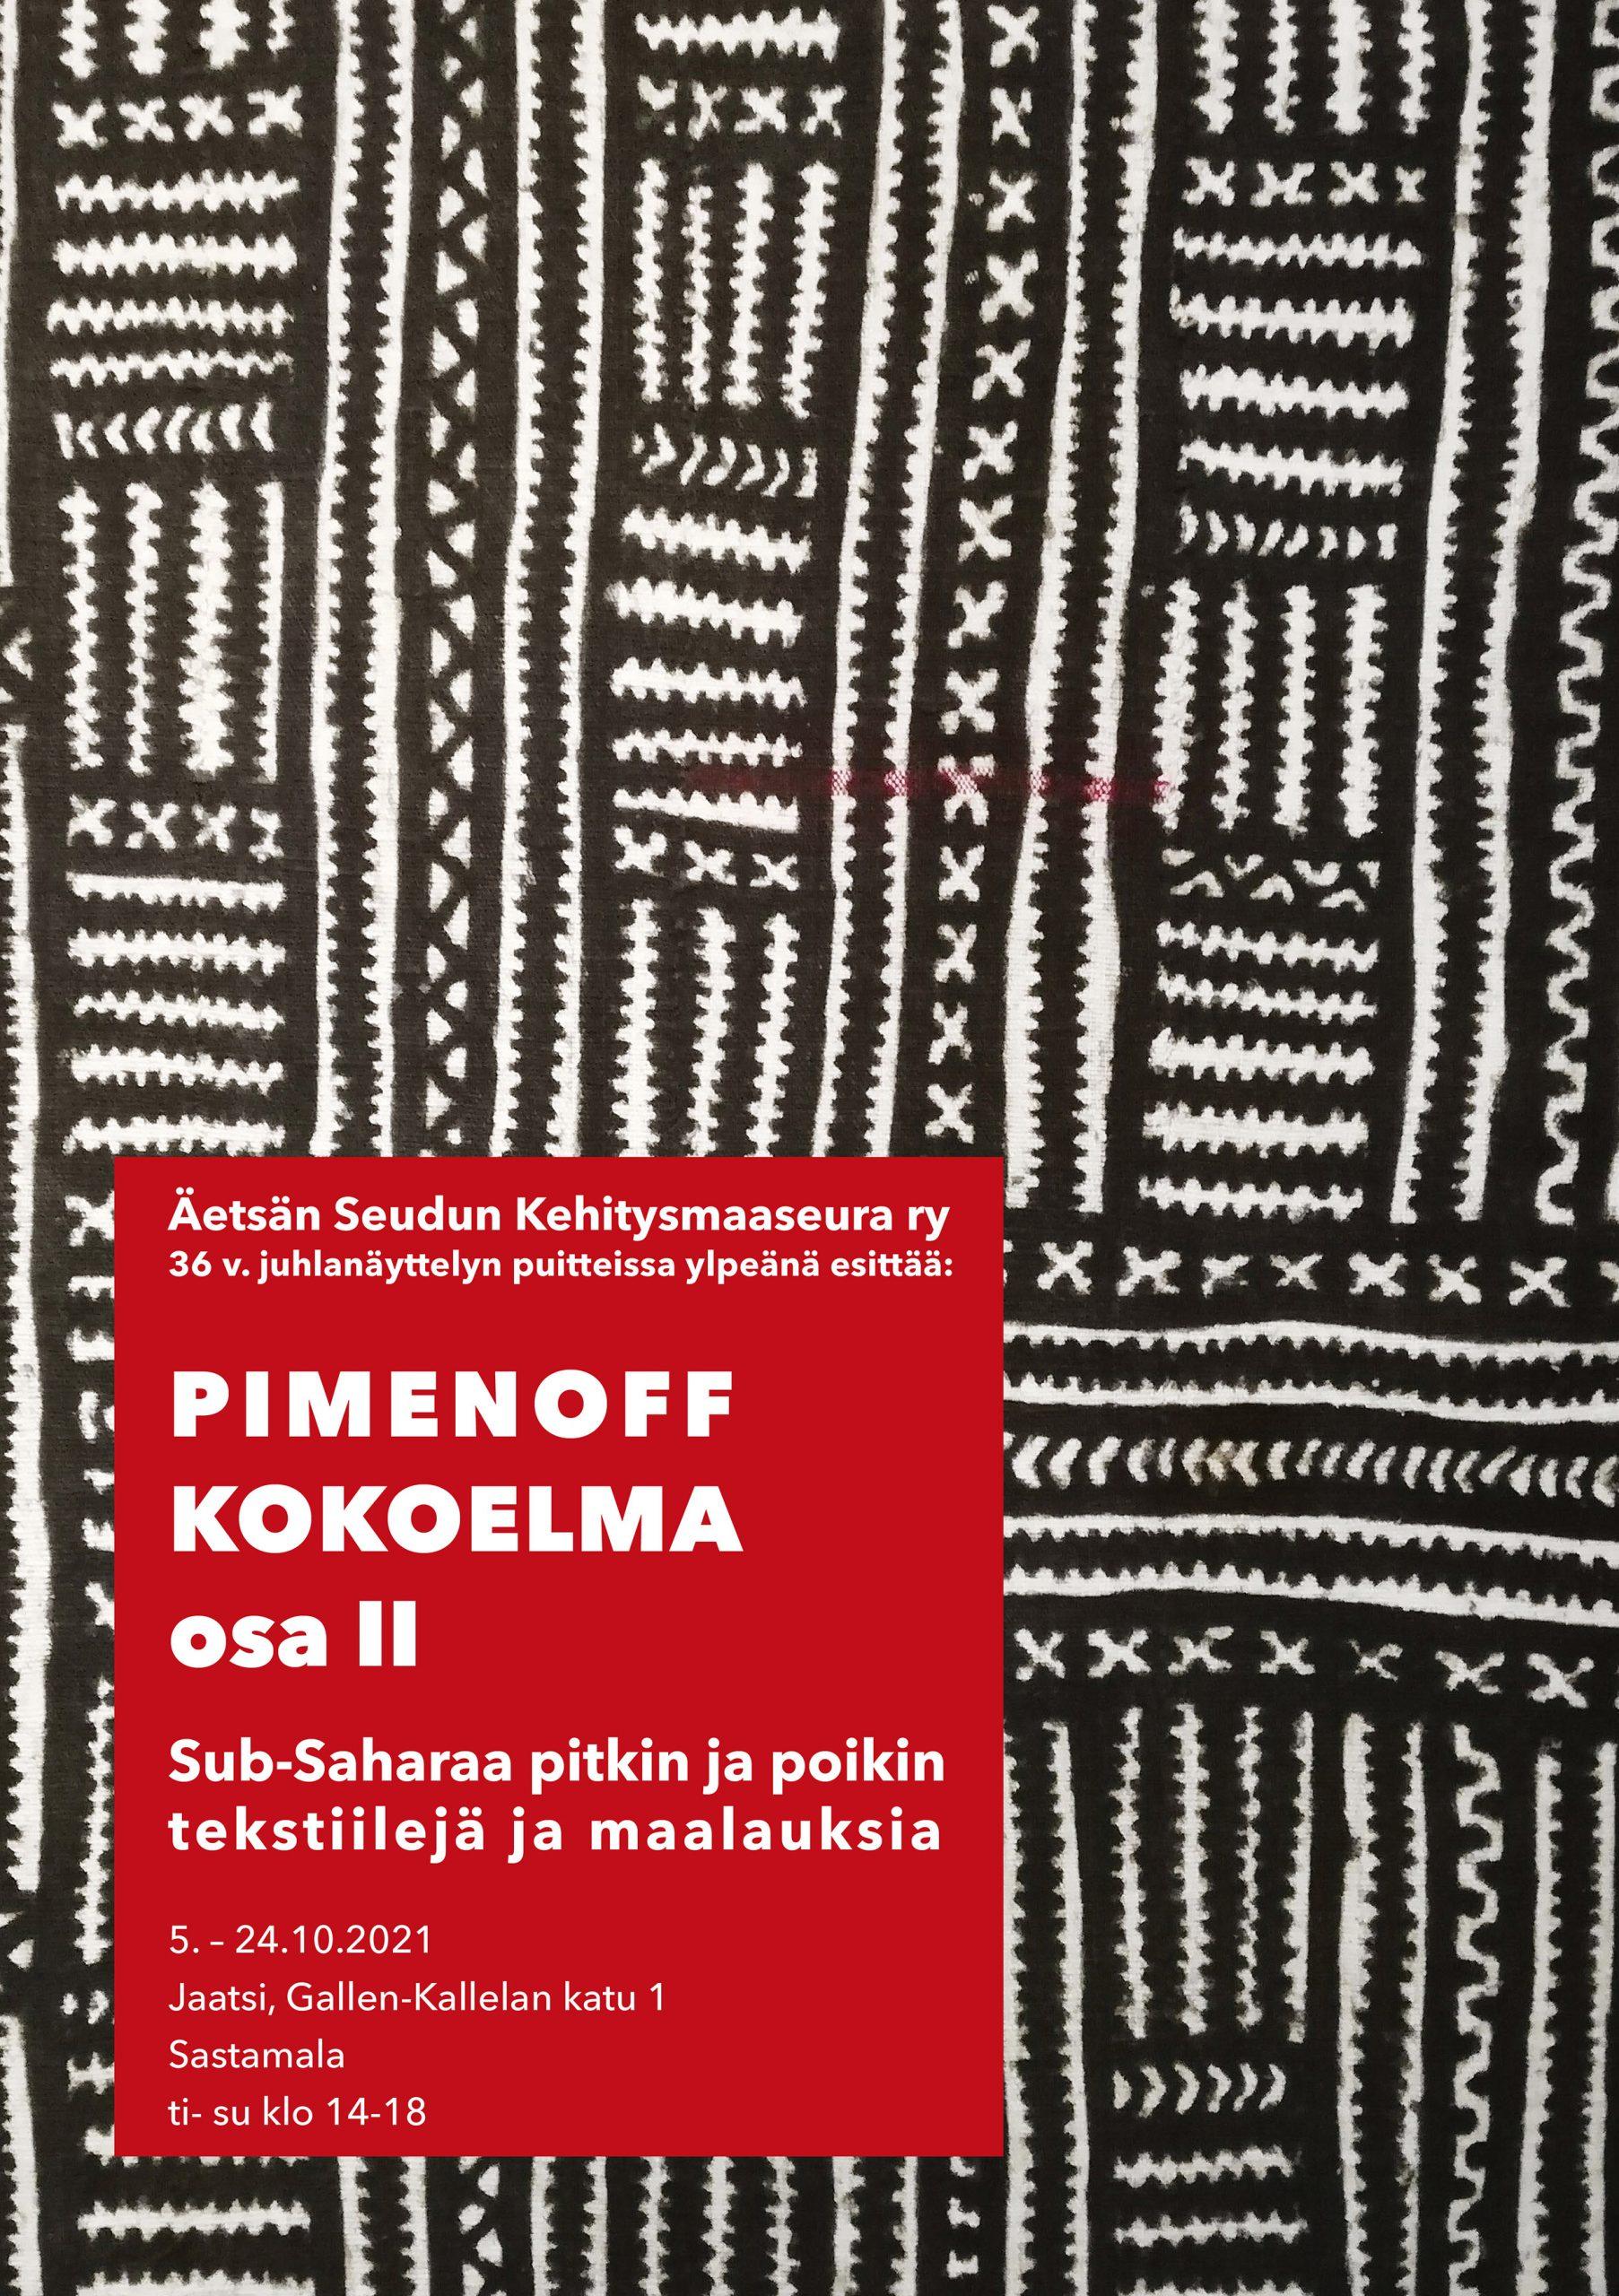 Sub-Saharaa pitkin ja poikin tekstiilejä ja maalauksia. Pimenoff kokoelma osa II